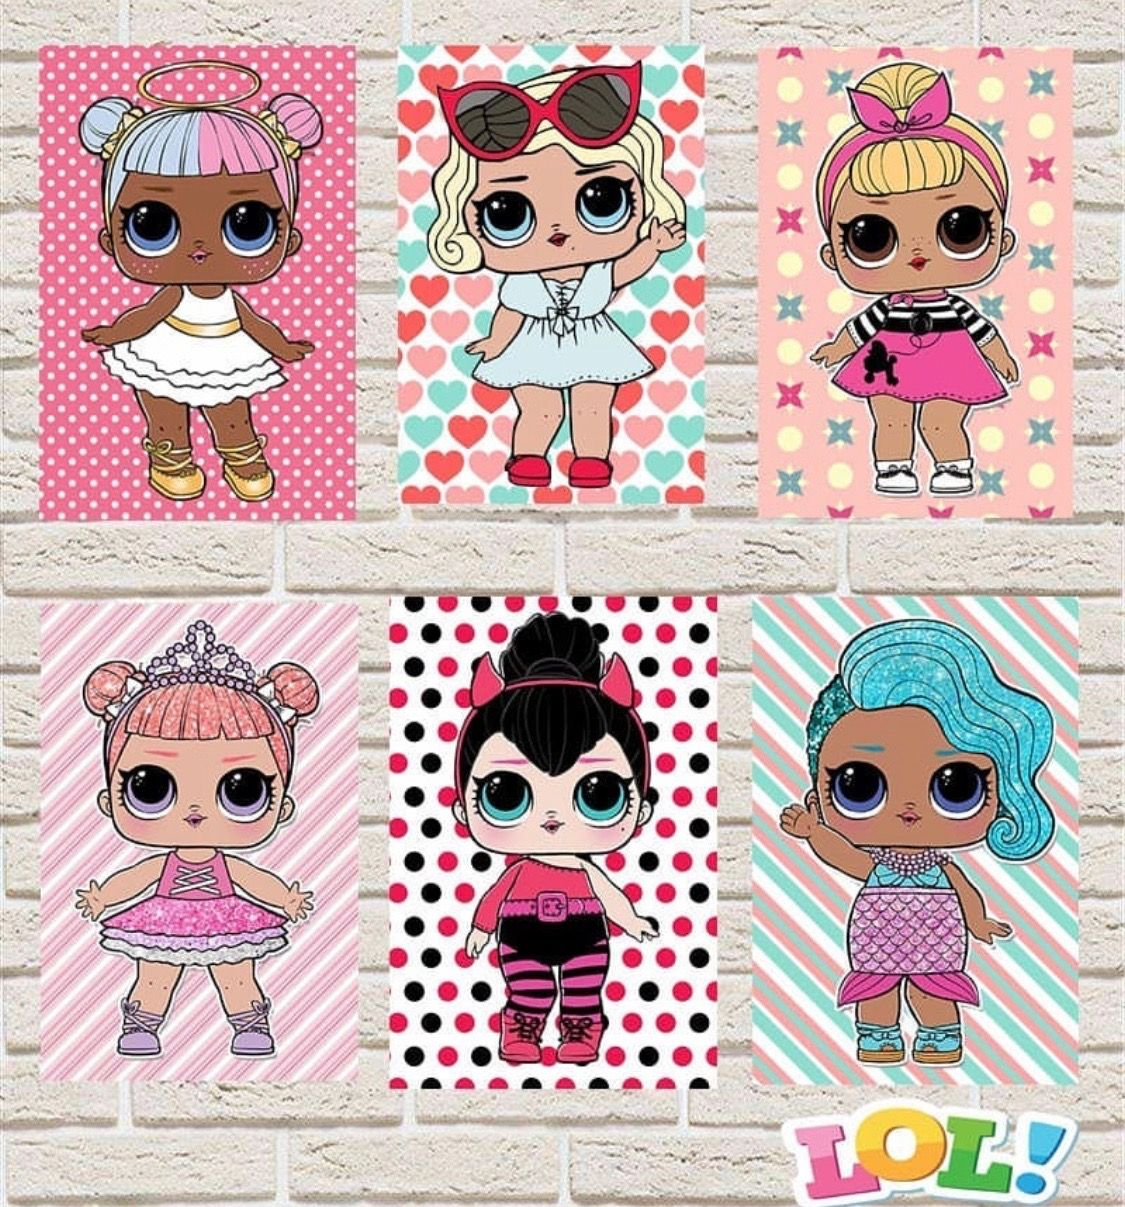 Pin De Luisa Quiroz Em Lol Decoração Festa Princesas Disney Aniversario Infantil Festa De Aniversario Infantil